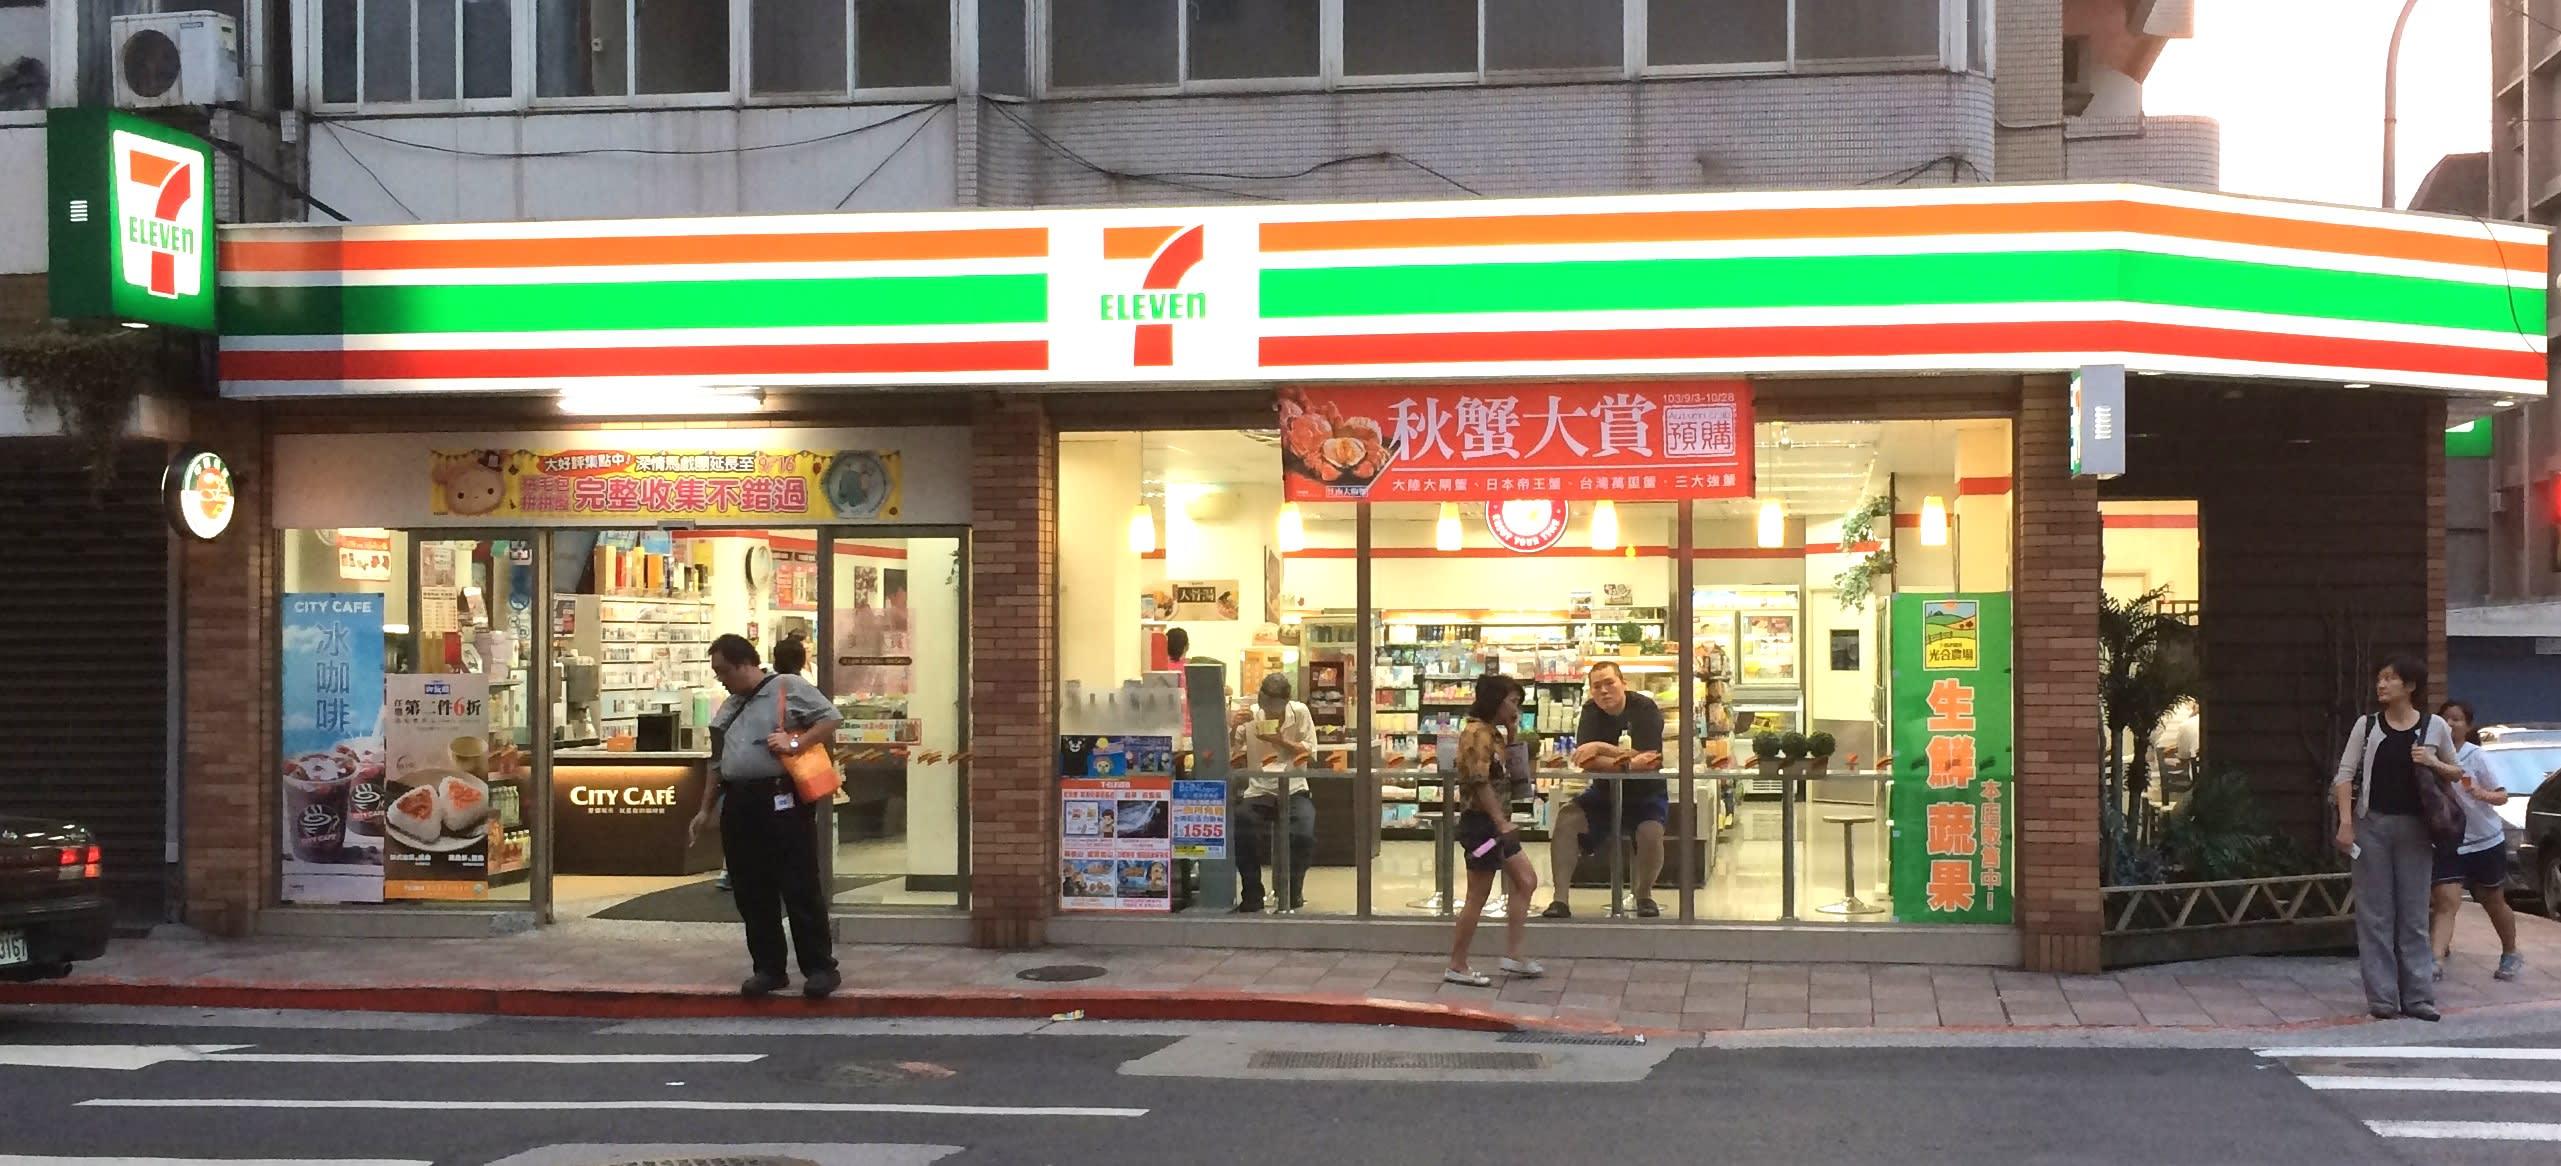 7-11 in Taiwan